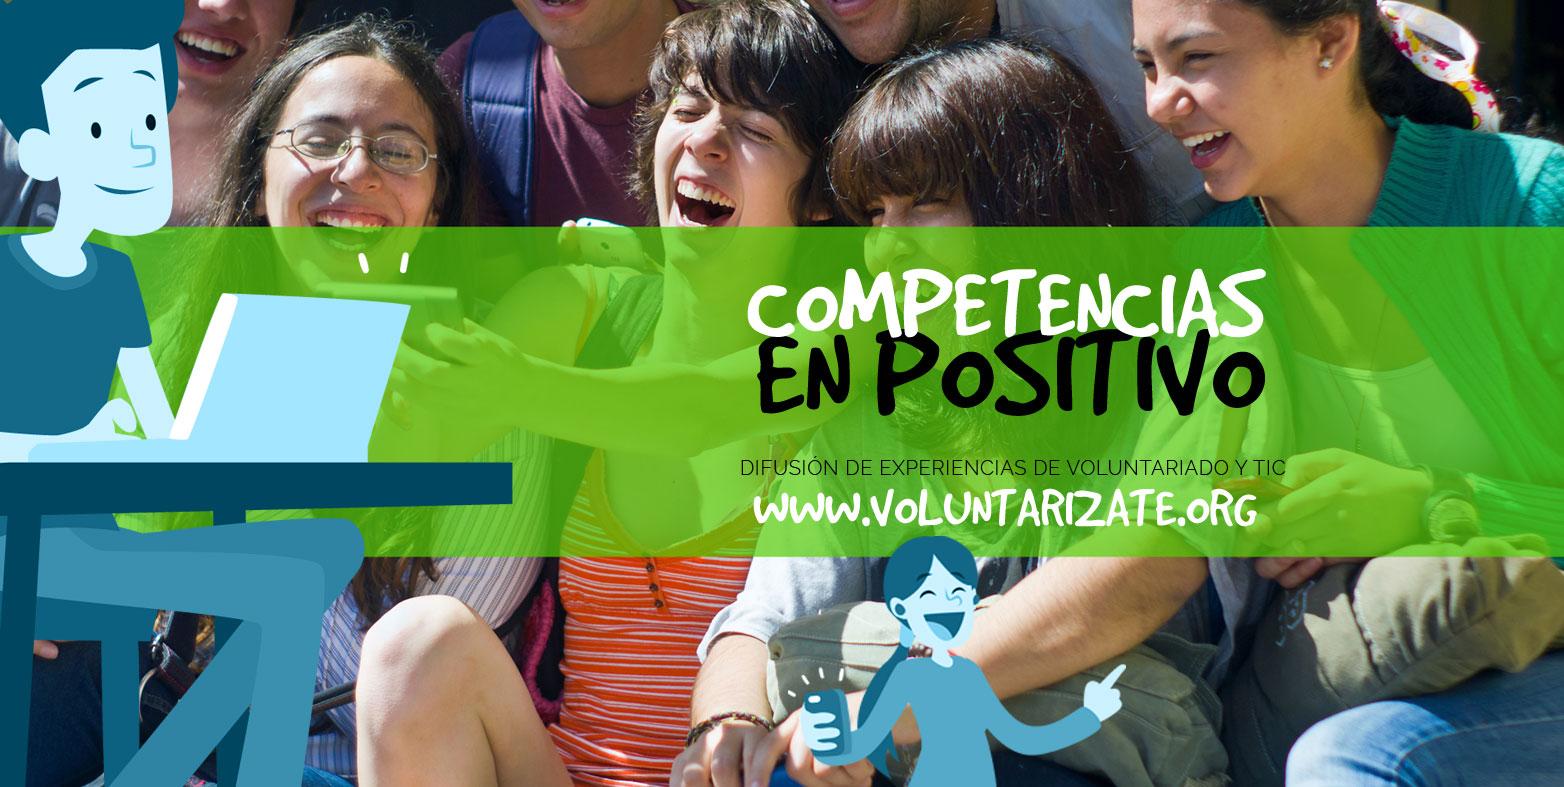 Jornadas Competencias en Positivo en la Universidad de Oviedo